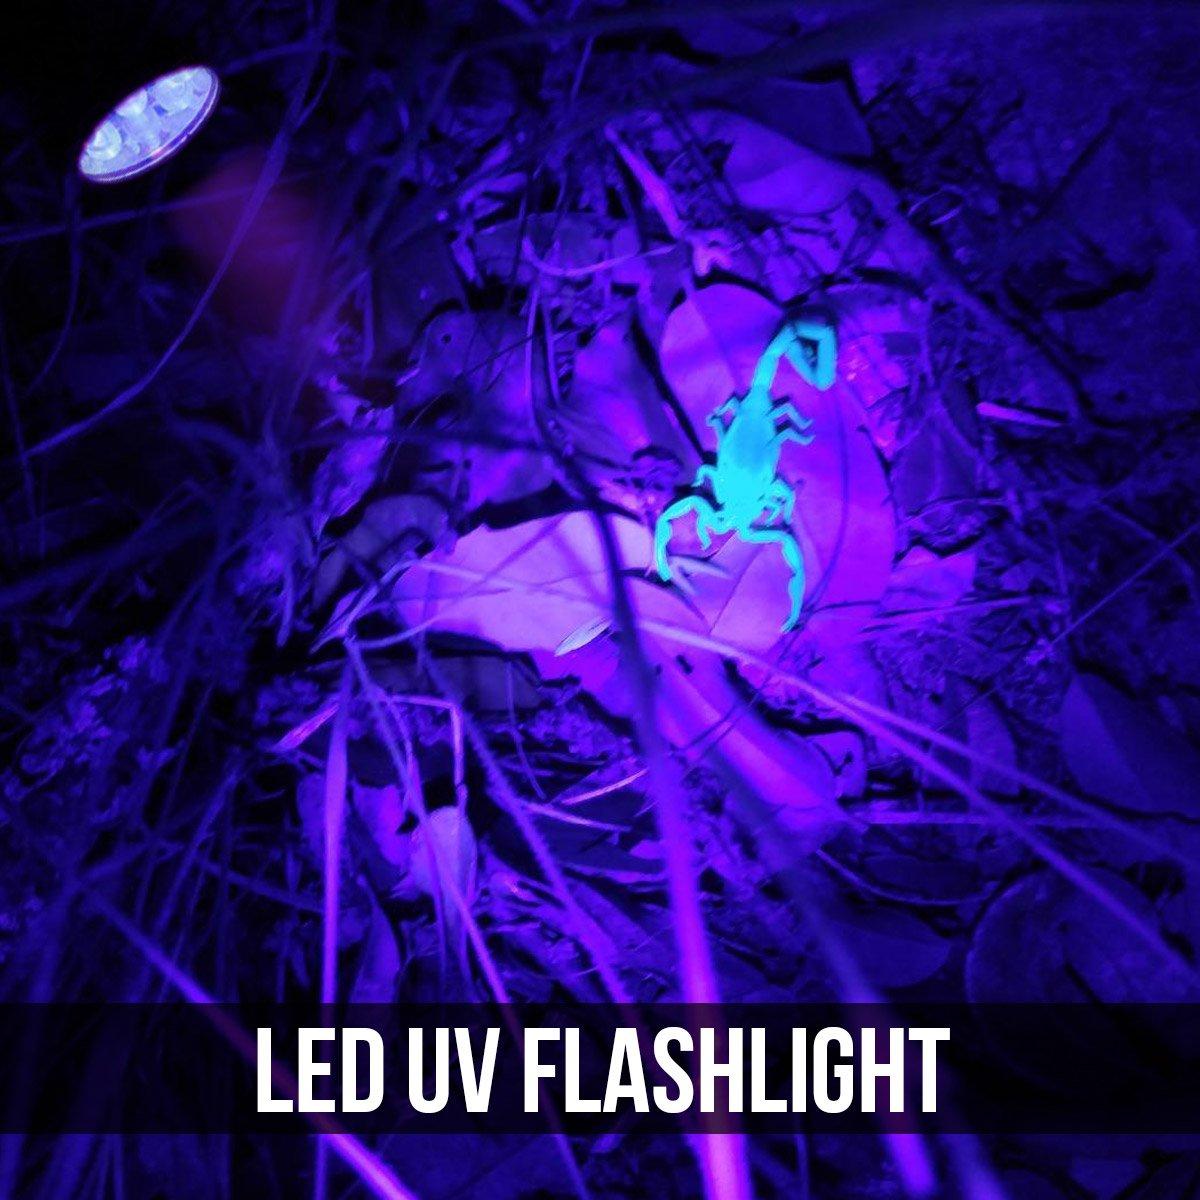 LE Ultraviolett LED UV Taschenlampe mit 12 LEDs 395nm Hund usw Handlampe UV-Strahler Pr/üfger/ät Fleckendetektor//Urindetektor f/ür Haustiere wie Katze